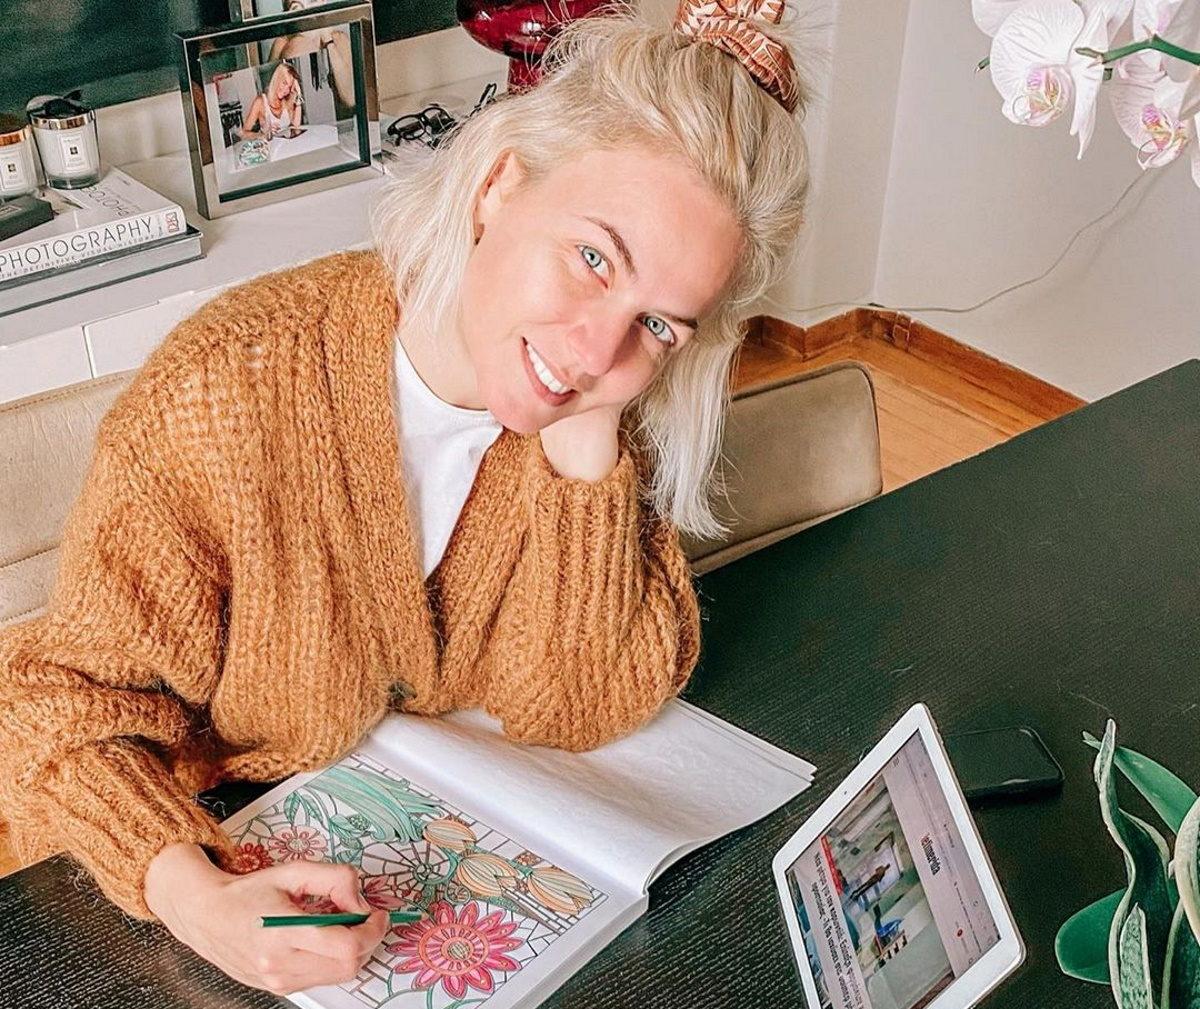 Χριστίνα Κοντοβά: Δεν χάνει την όρεξη της για δουλειά, κλεισμένη σπίτι της με κορονοϊό! [pic] | tlife.gr